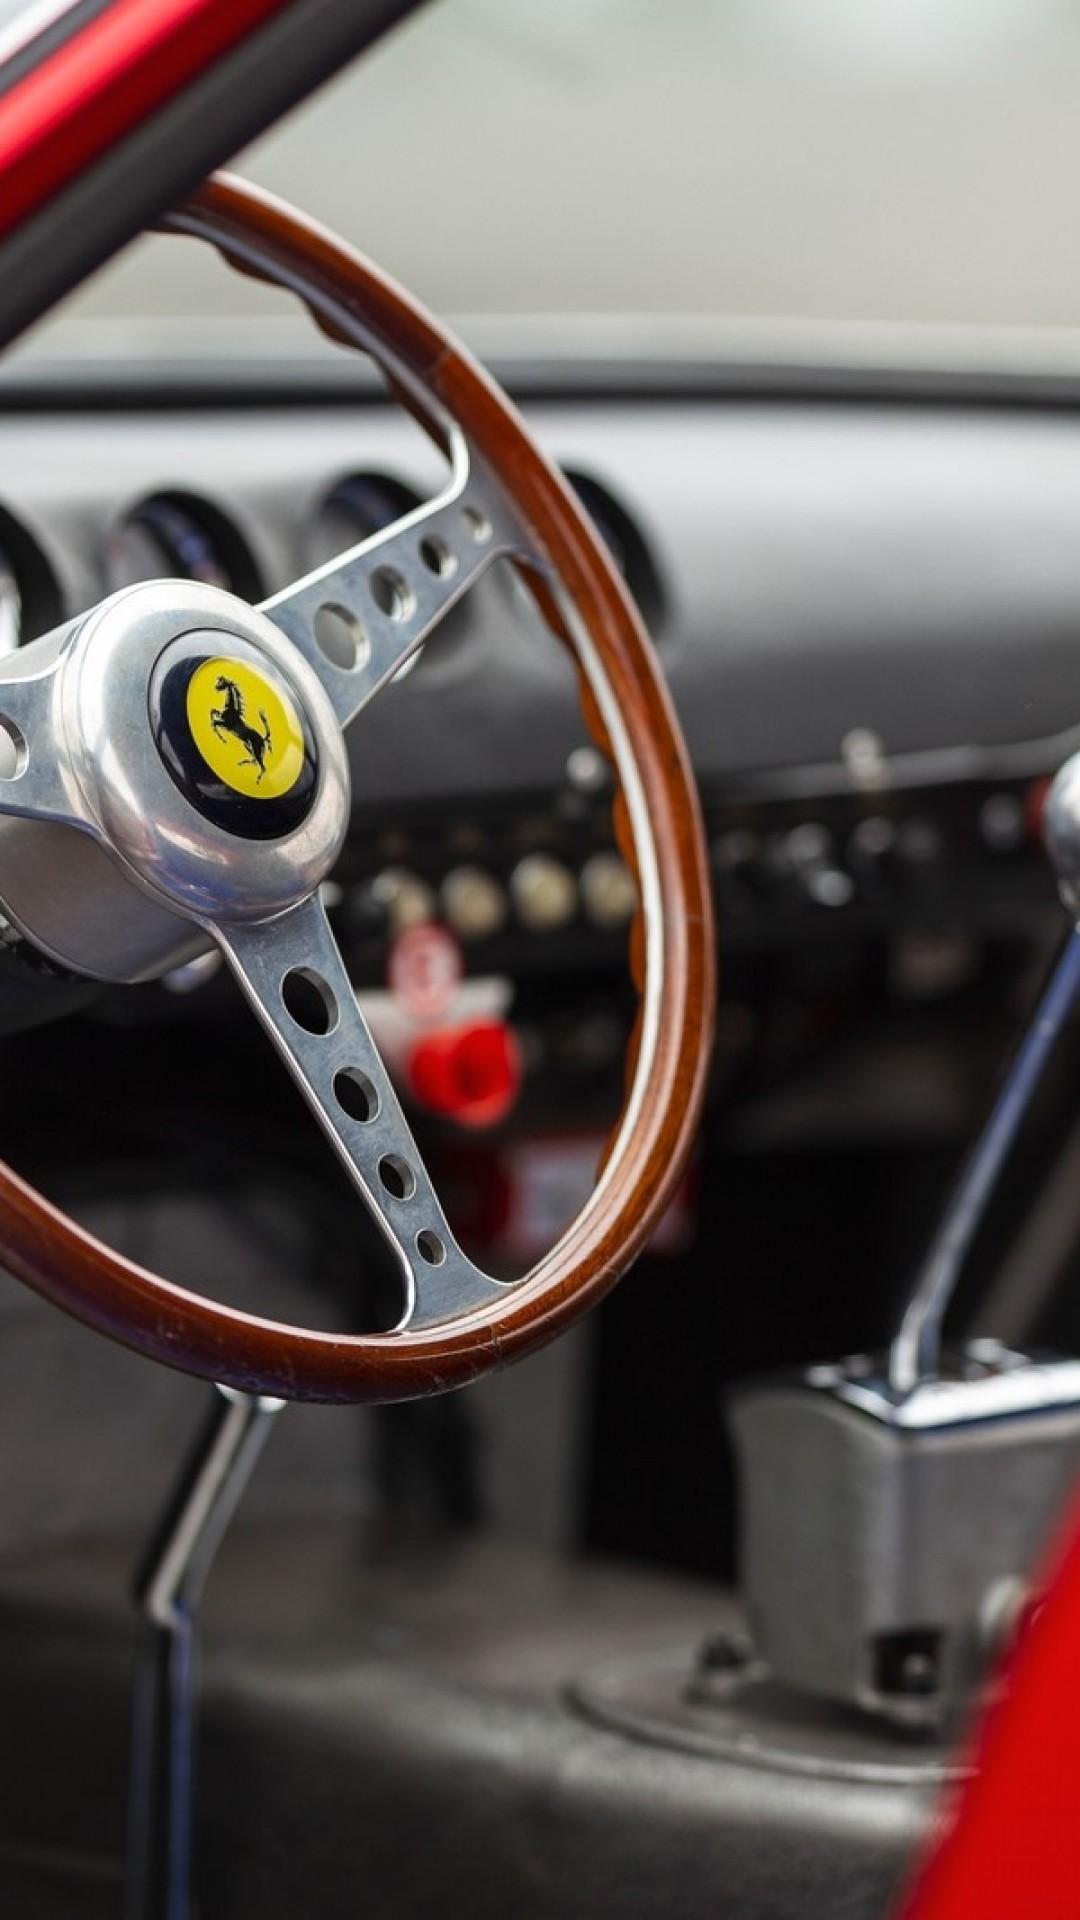 Ferrari 250 Gto Retro Supercars Interior Ferrari 250 Gto 597787 Hd Wallpaper Backgrounds Download